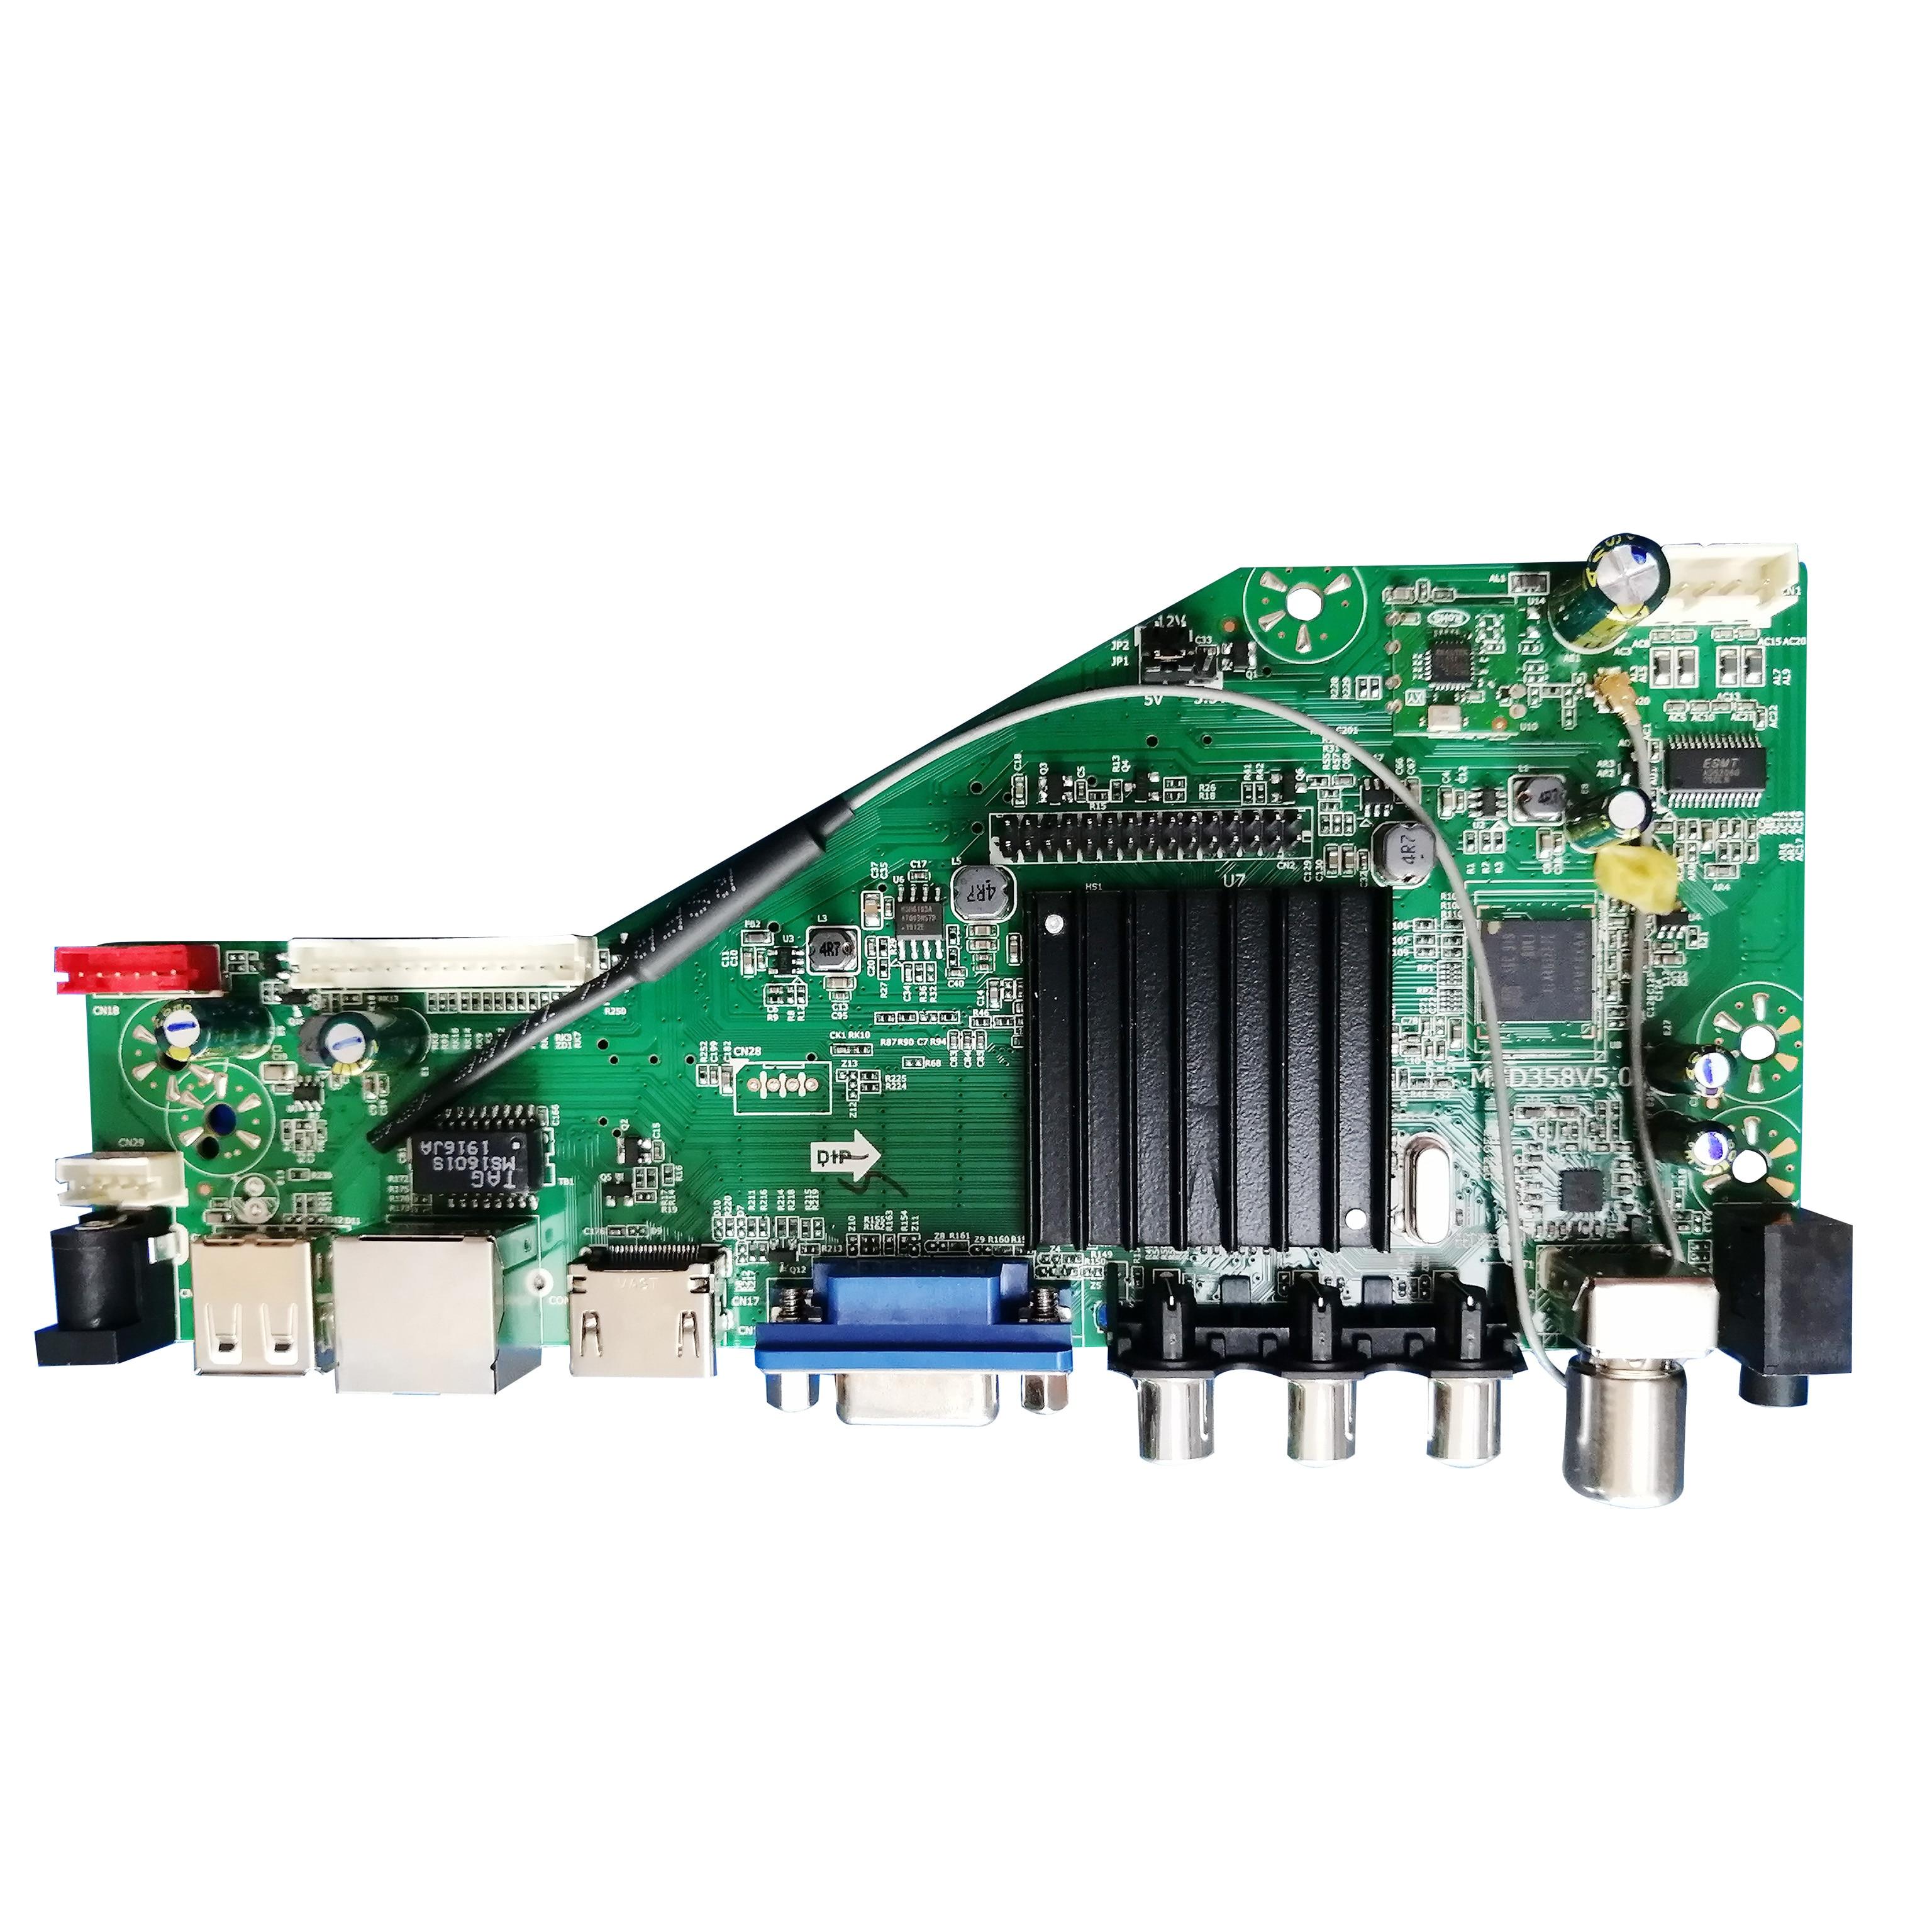 Msd358v5.0 android 4.4 1g + 4g 4 núcleos de rede sem fio inteligente tv placa motorista universal lcd placa mãe wi-fi 3.3/5/12v